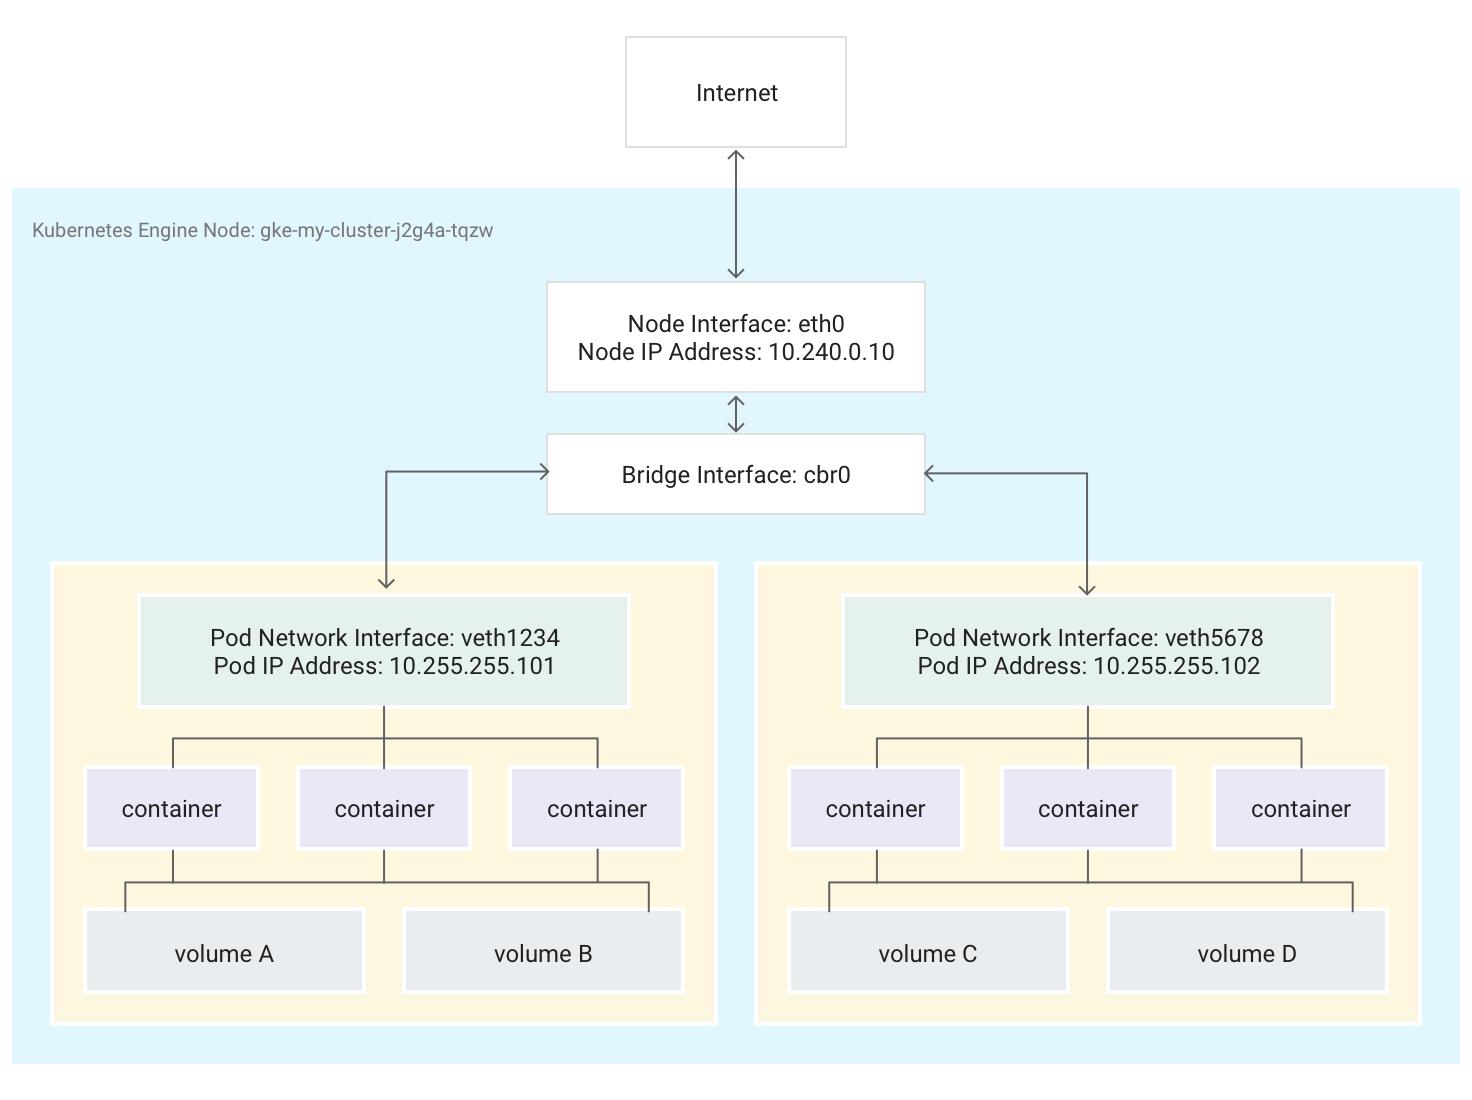 圖表顯示上方段落所述,執行兩個 Pod 的單一節點